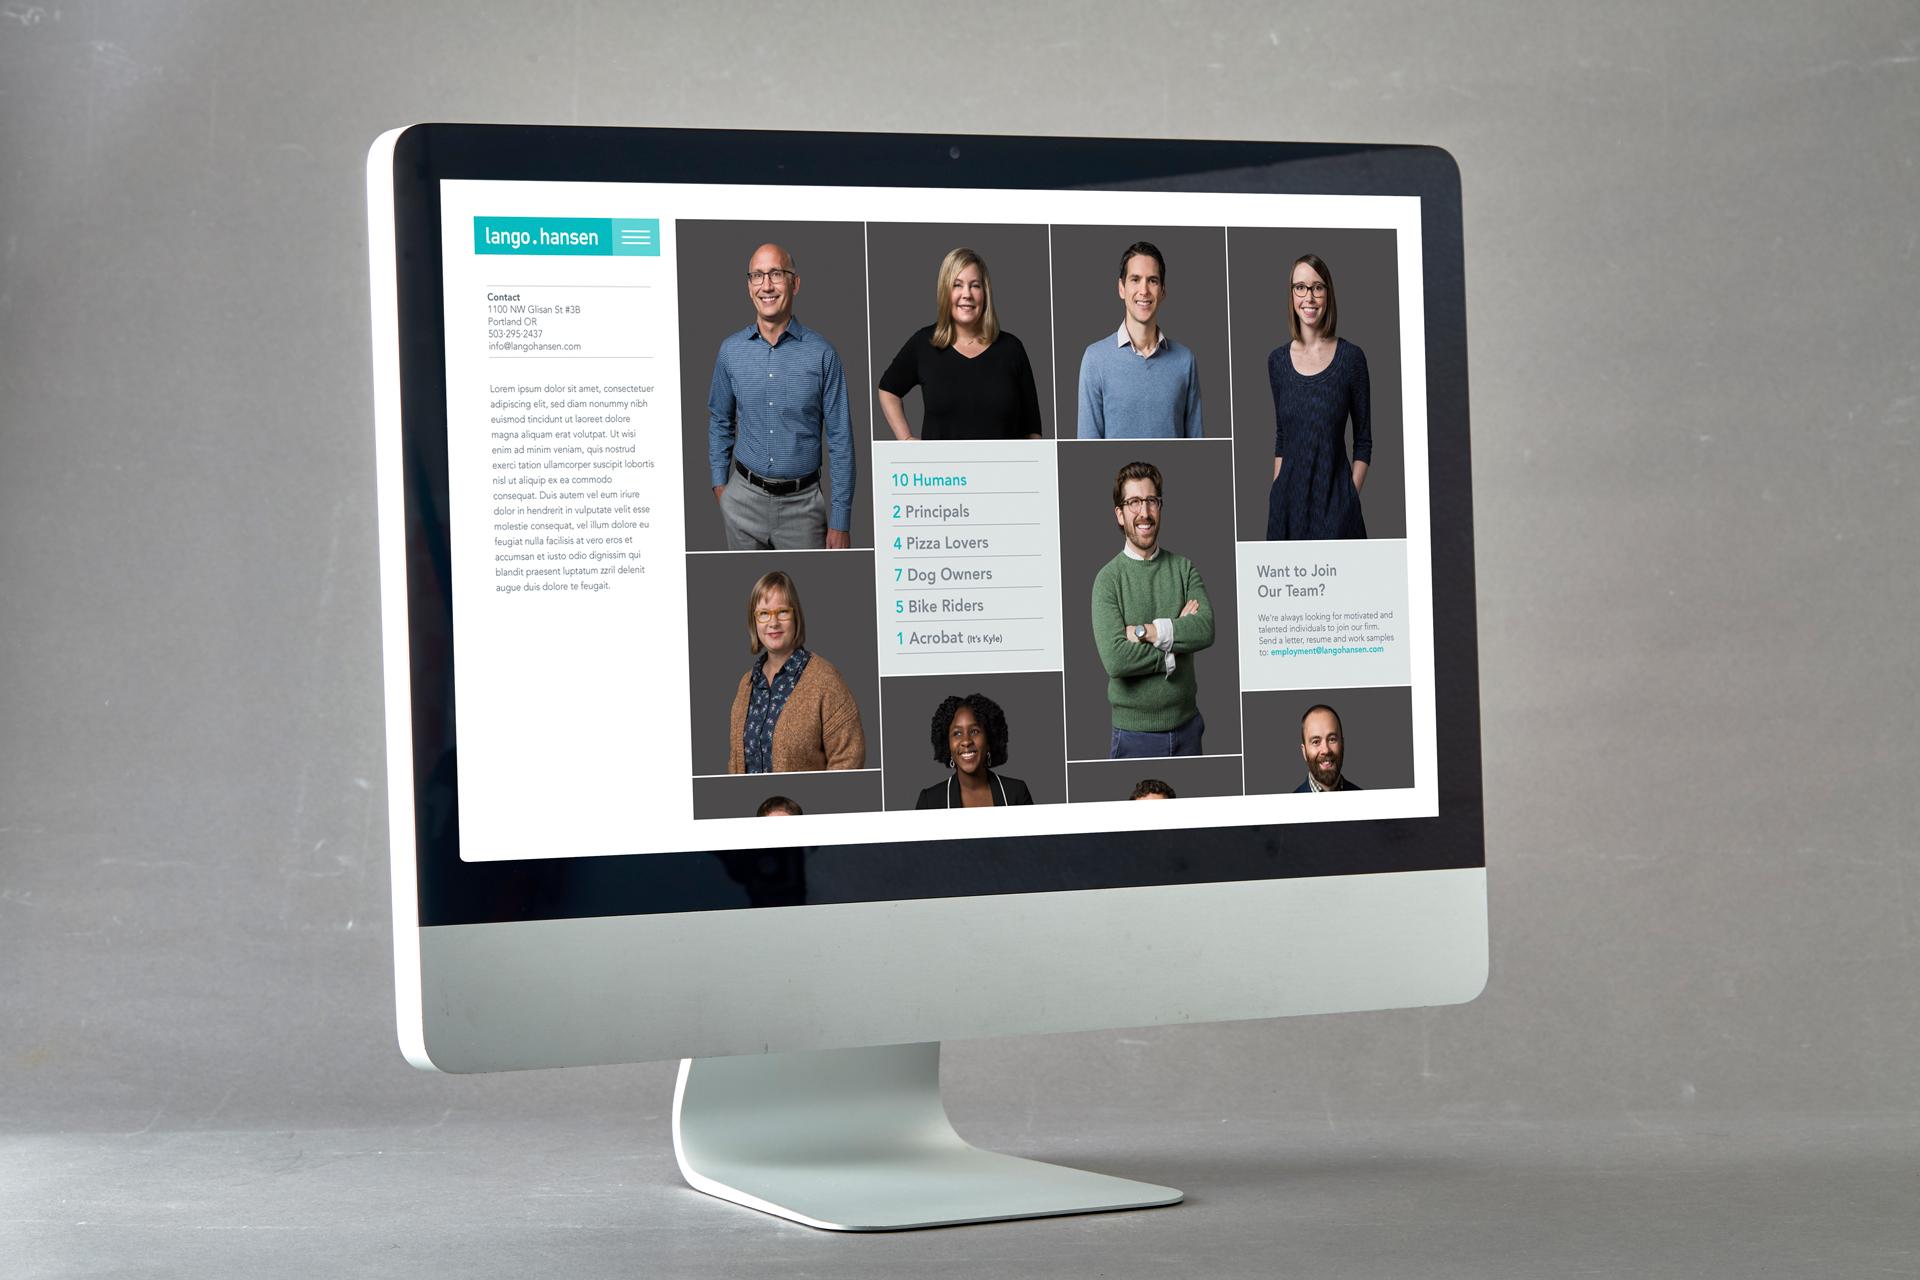 LHwebsite4.jpg